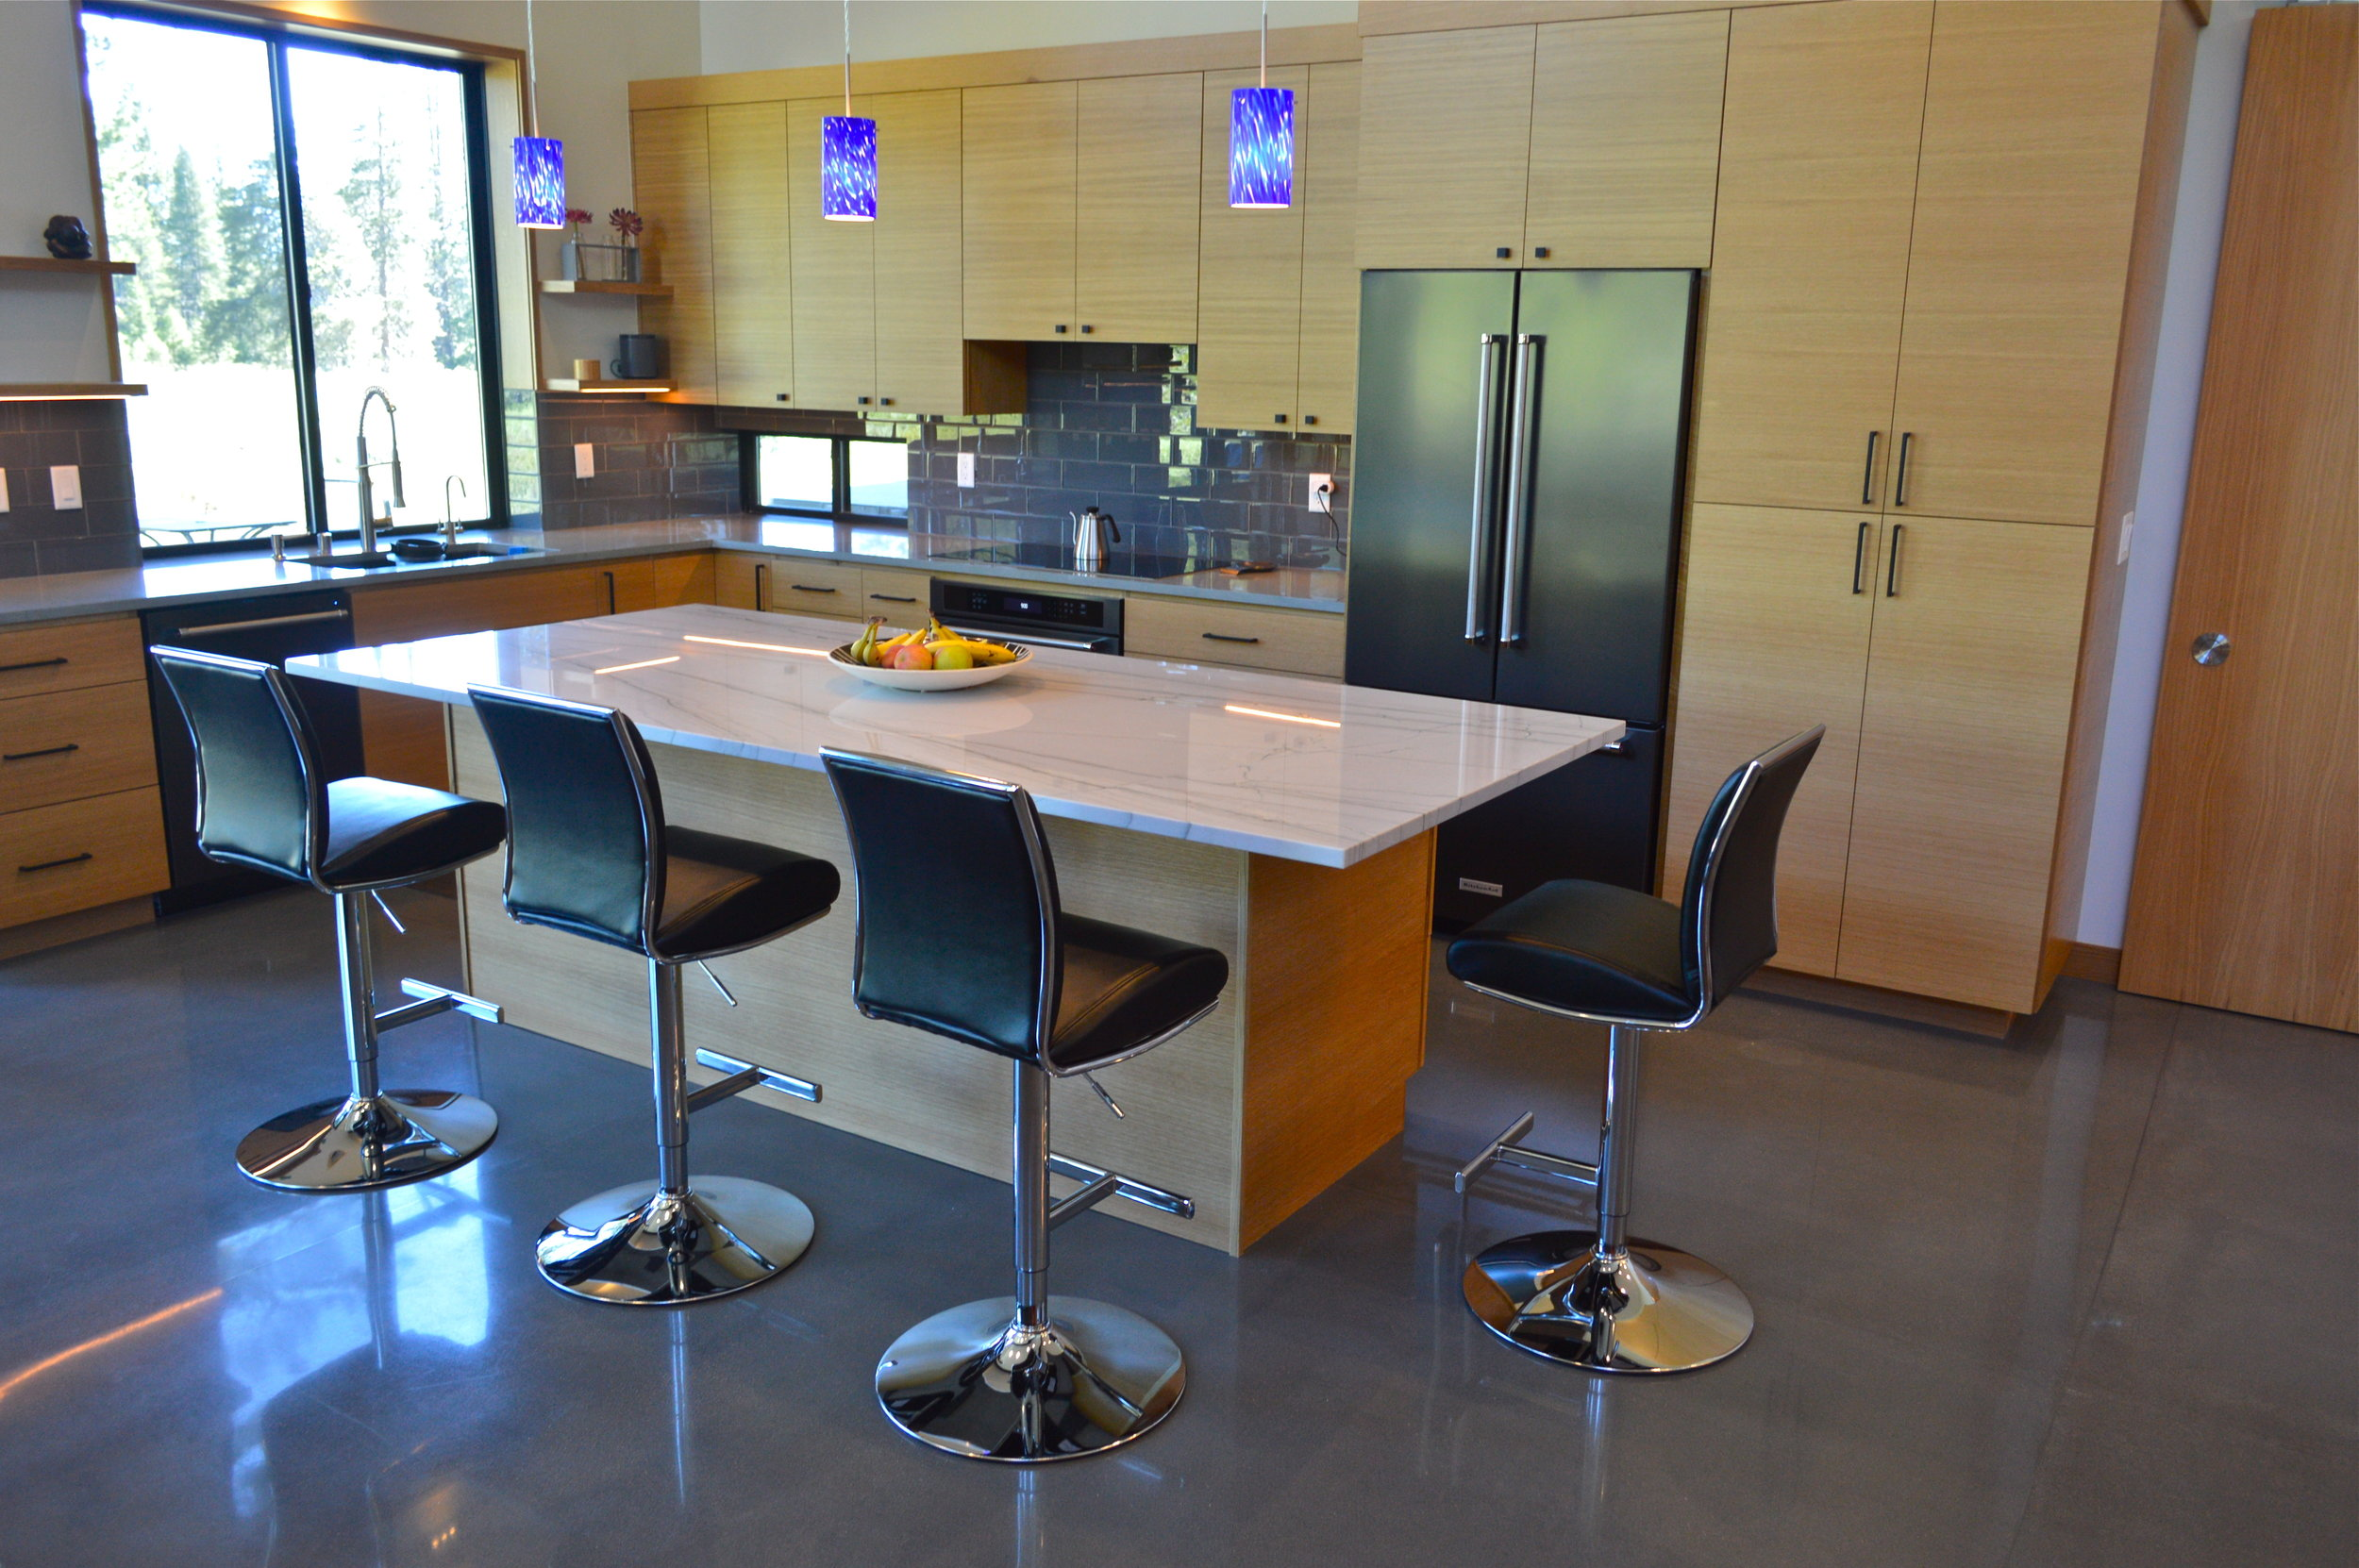 Schneir kitchen(2).JPG